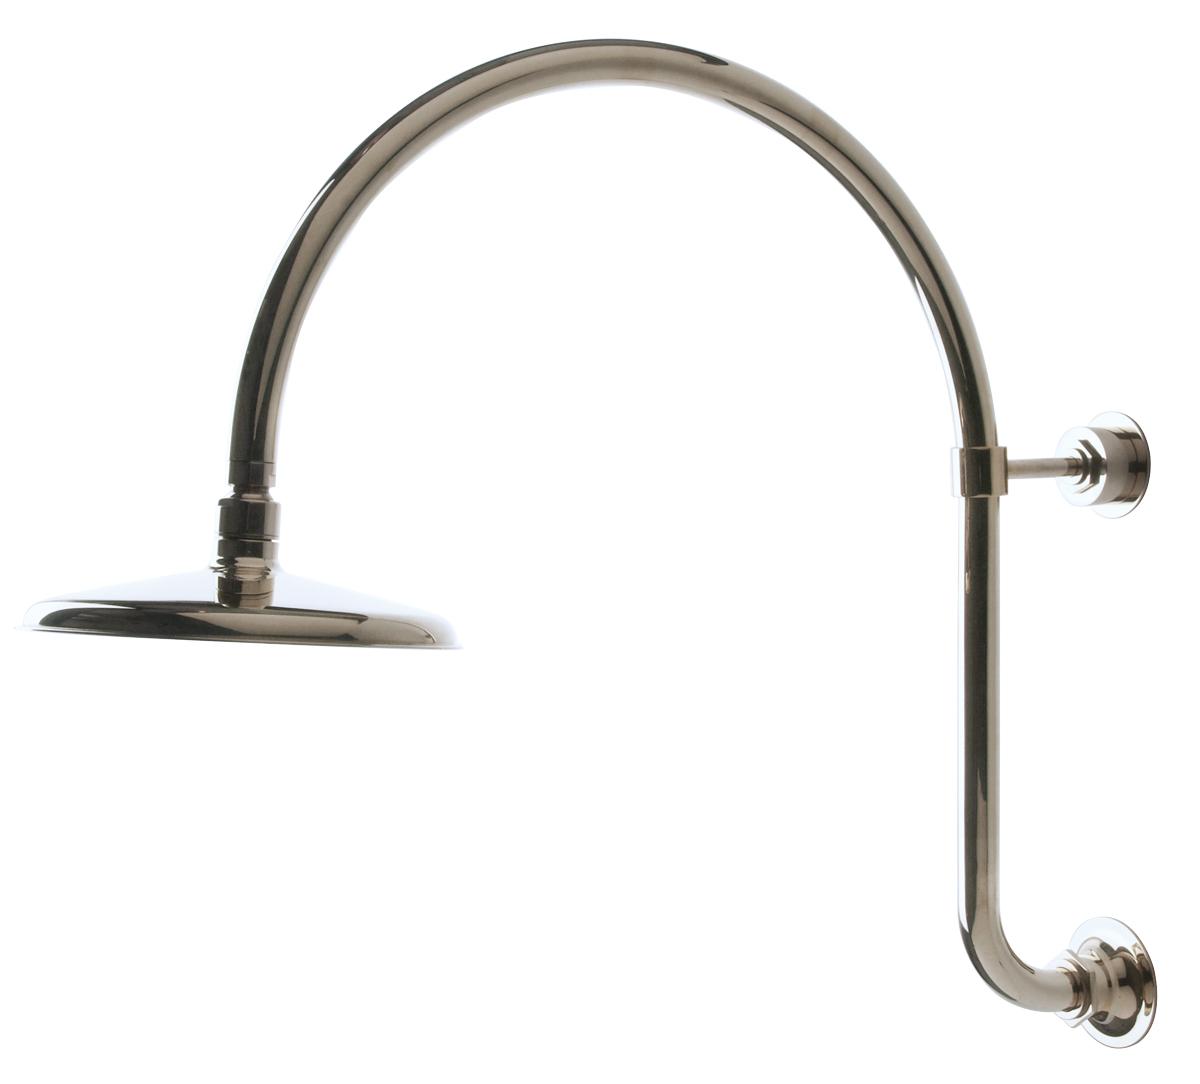 Shower arm